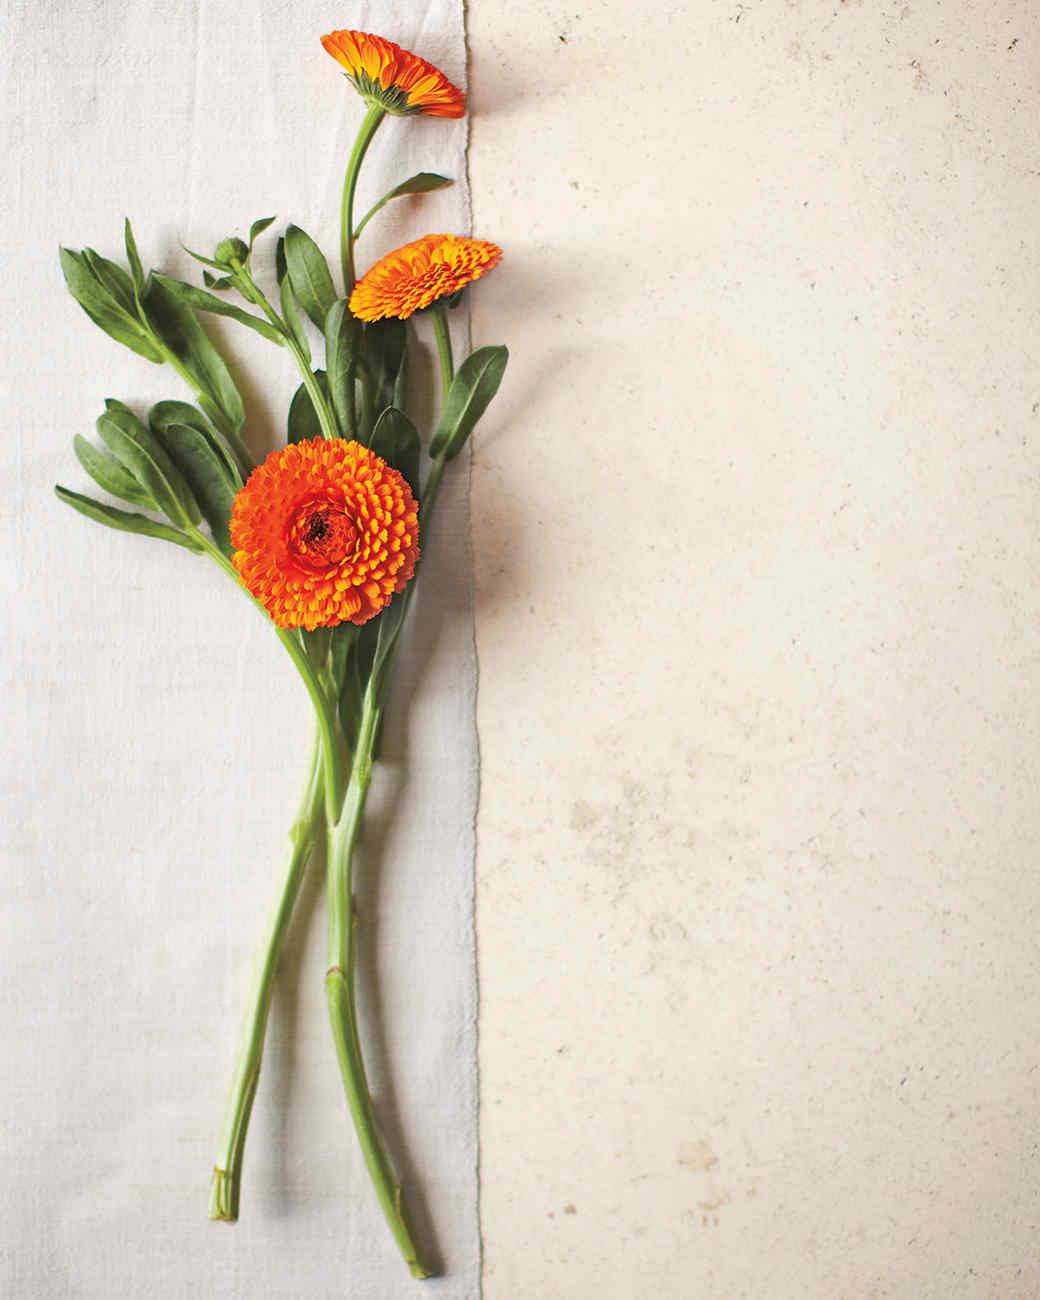 pot-marigold-mbd108713.jpg